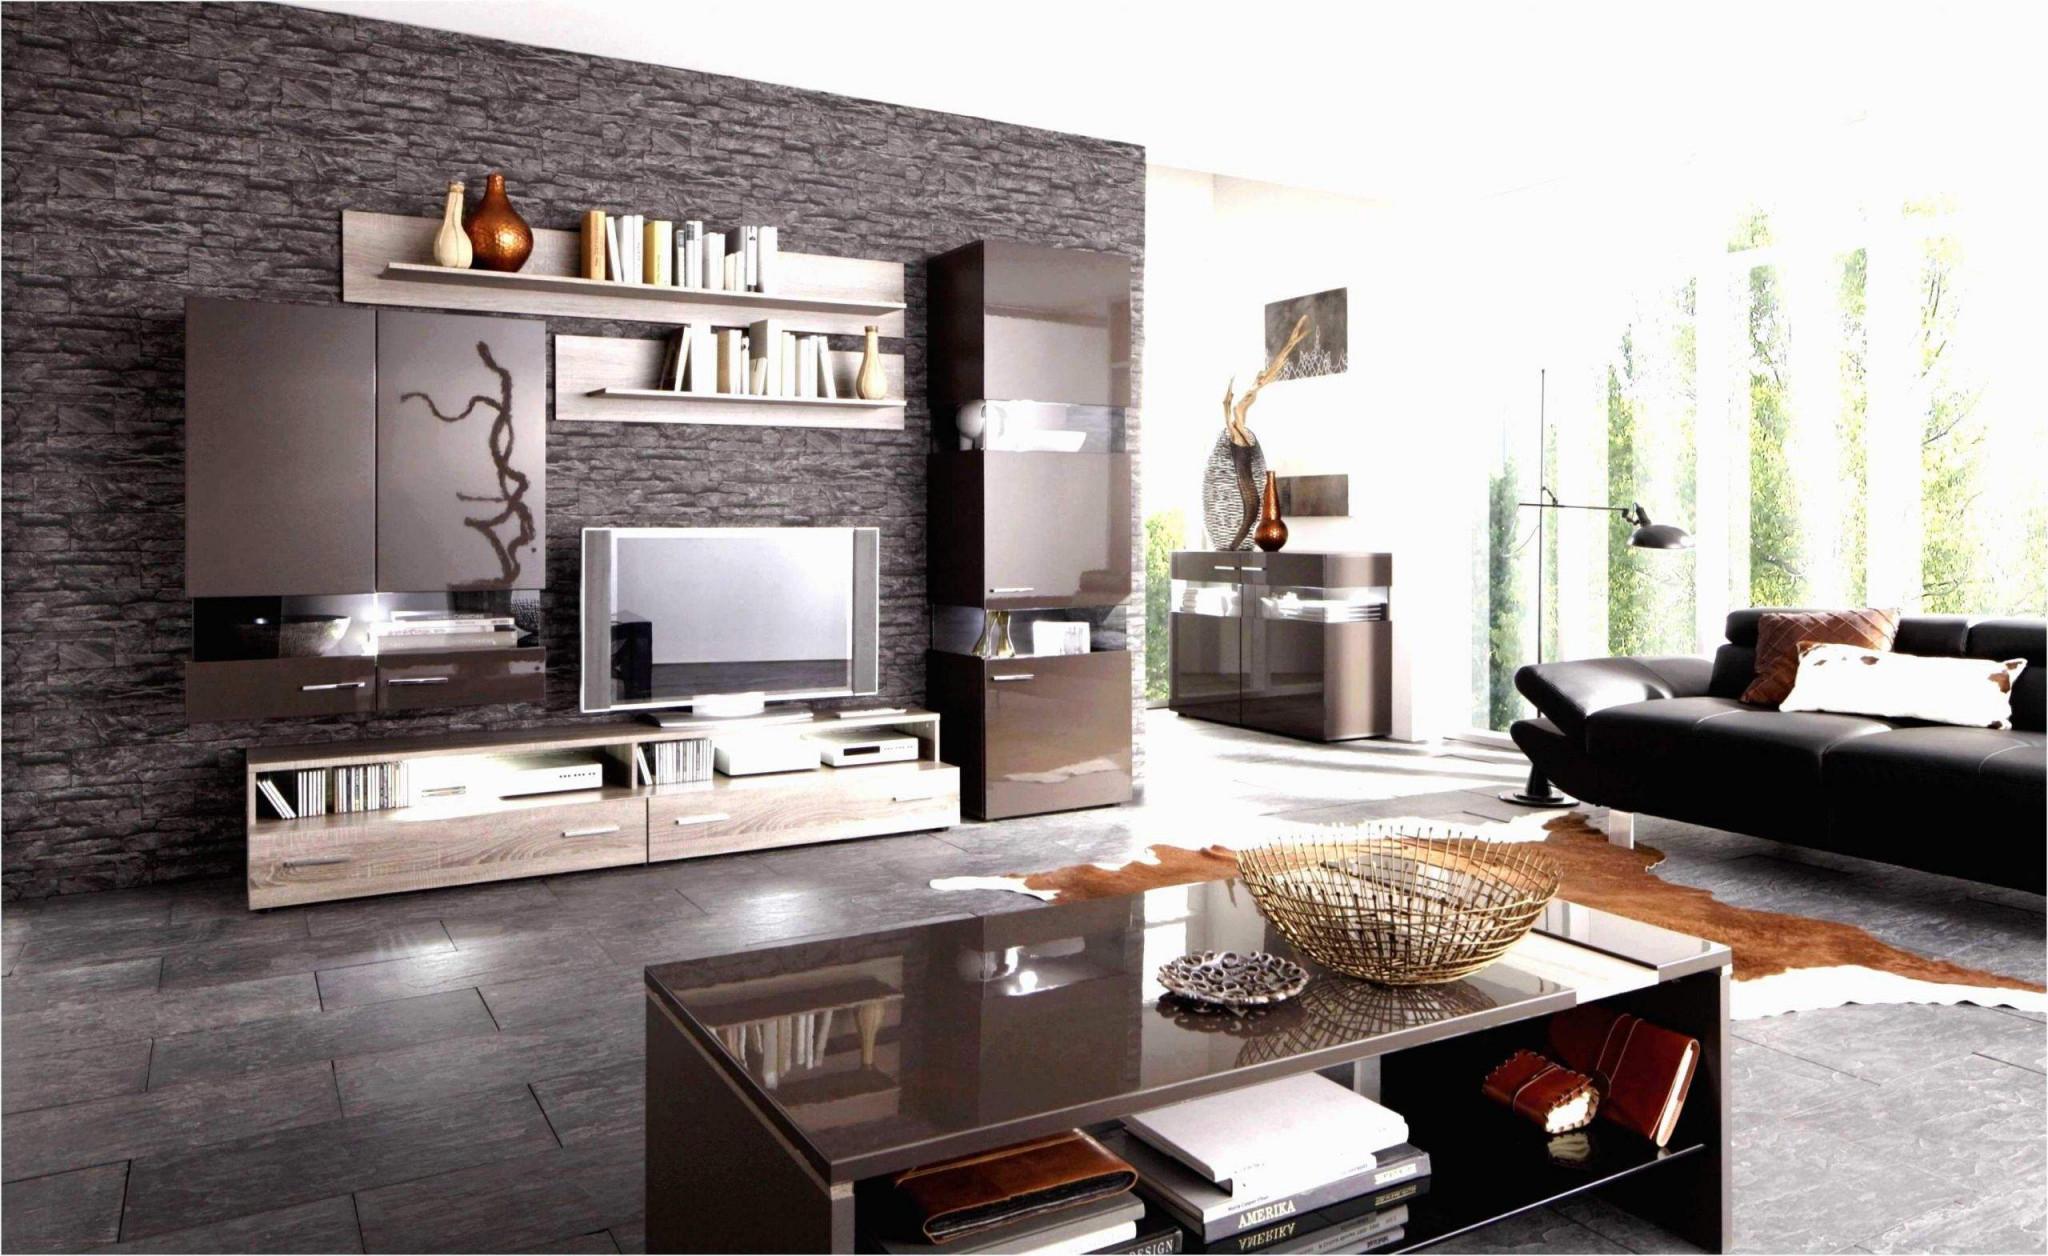 Tapete Steinoptik Wohnzimmer Schön 36 Das Beste Von 3D von Tapeten Wohnzimmer Steinoptik Bild